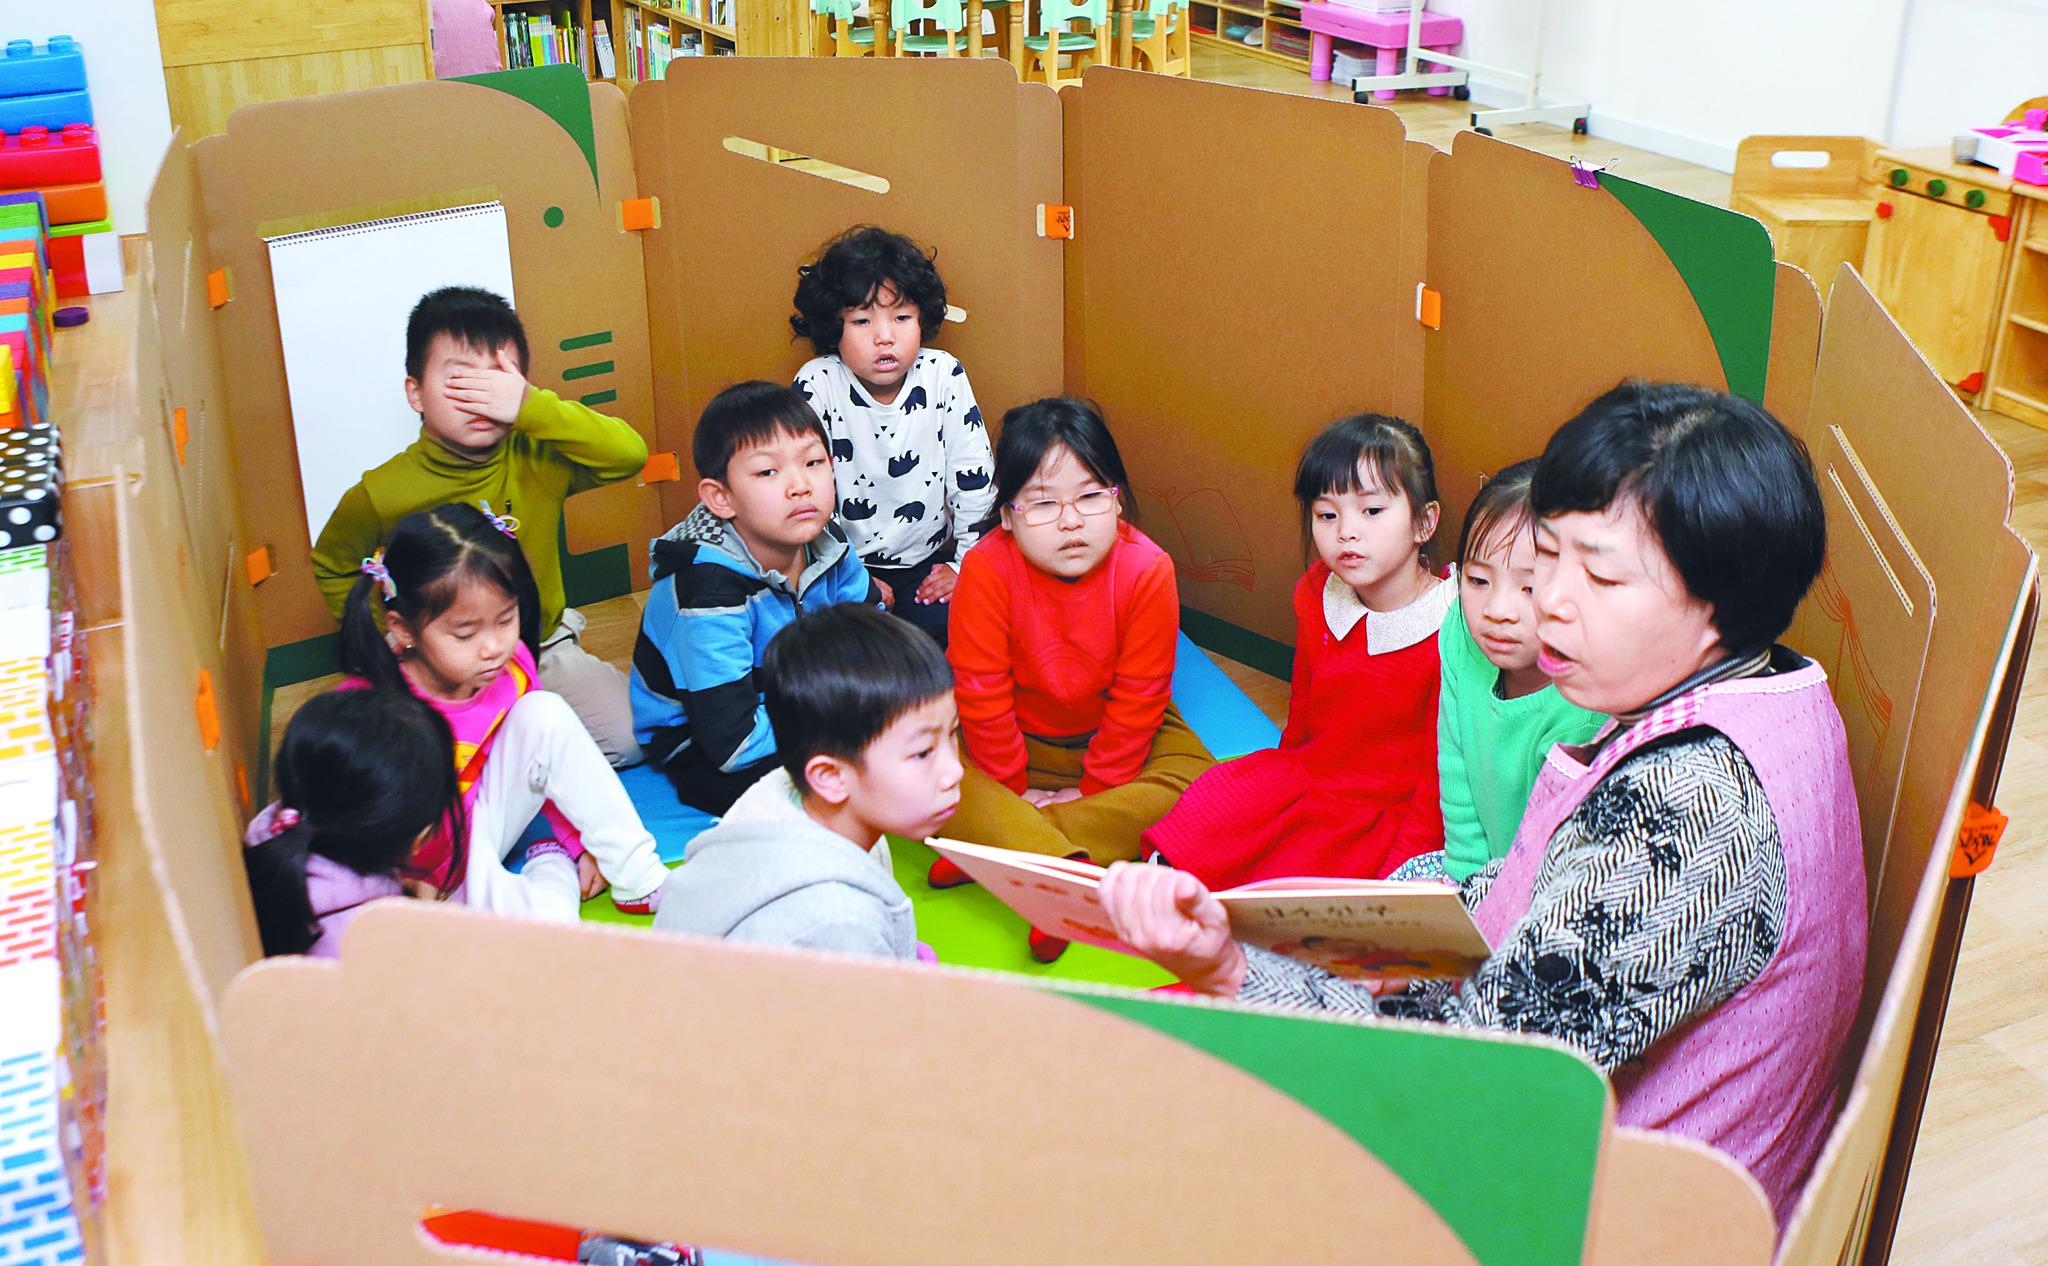 지난 16일 경기도 파주시 생명꿈나무돌봄센터에서 독서 수업을 하고 있다. 이 곳에선 퇴근이 늦은 부모를 위해 오후 8시까지 아이들을 돌봐준다. [파주=김춘식 기자]